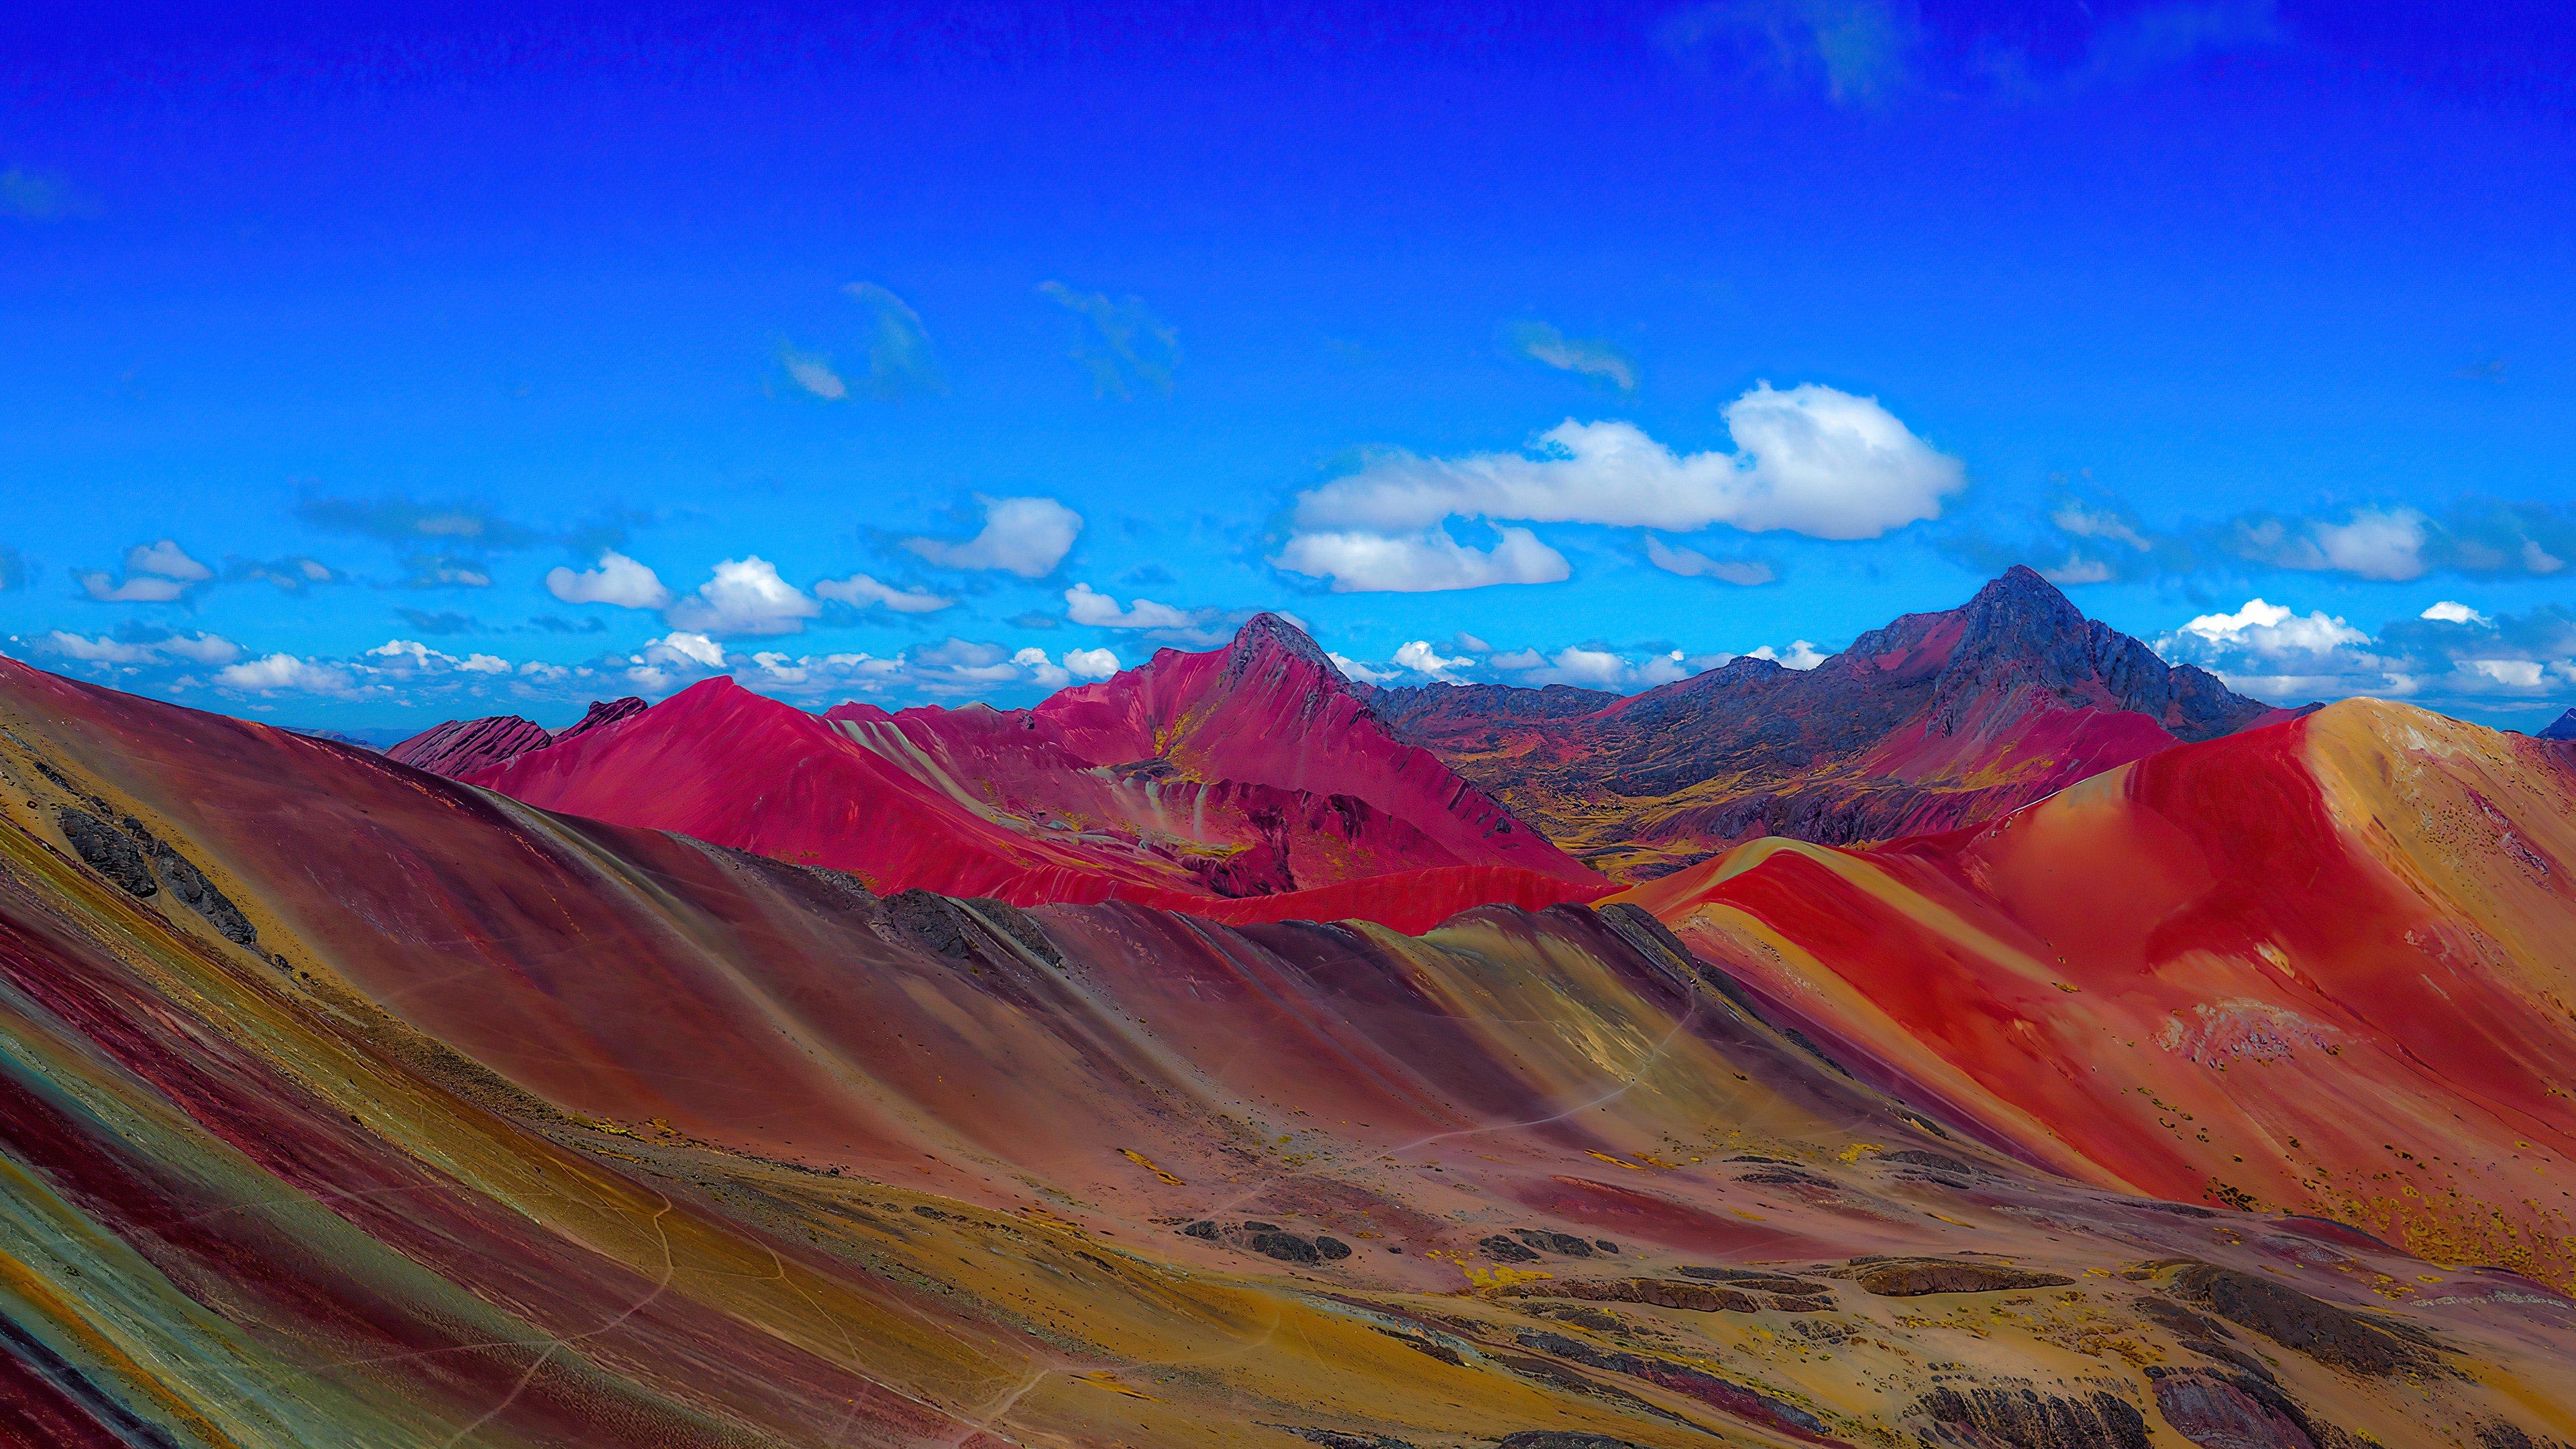 Fondos de pantalla Montañas de arcoíris en Perú